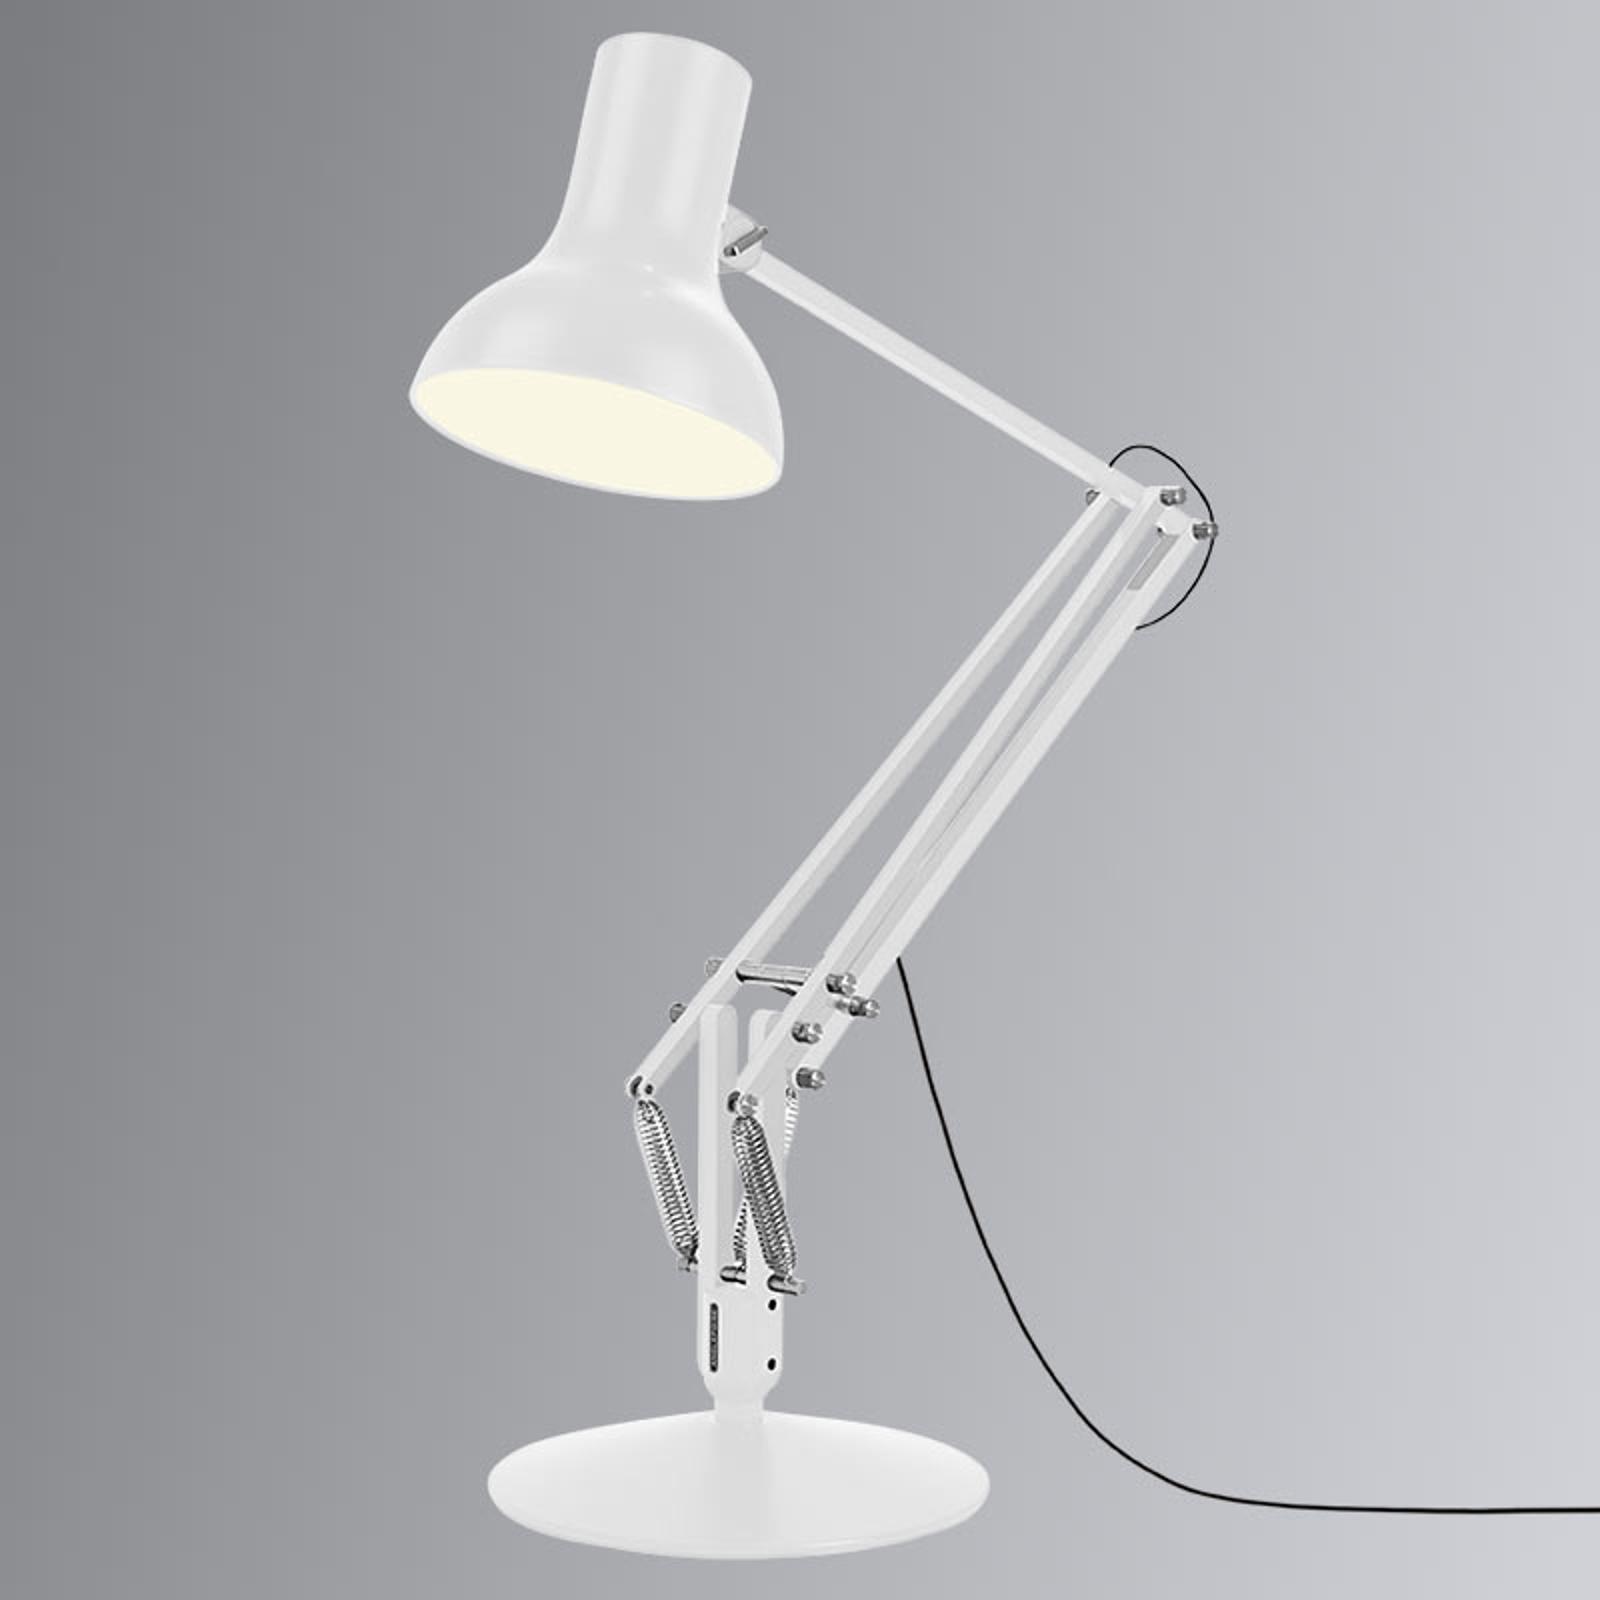 Anglepoise Type 75 Giant gulvlampe hvit